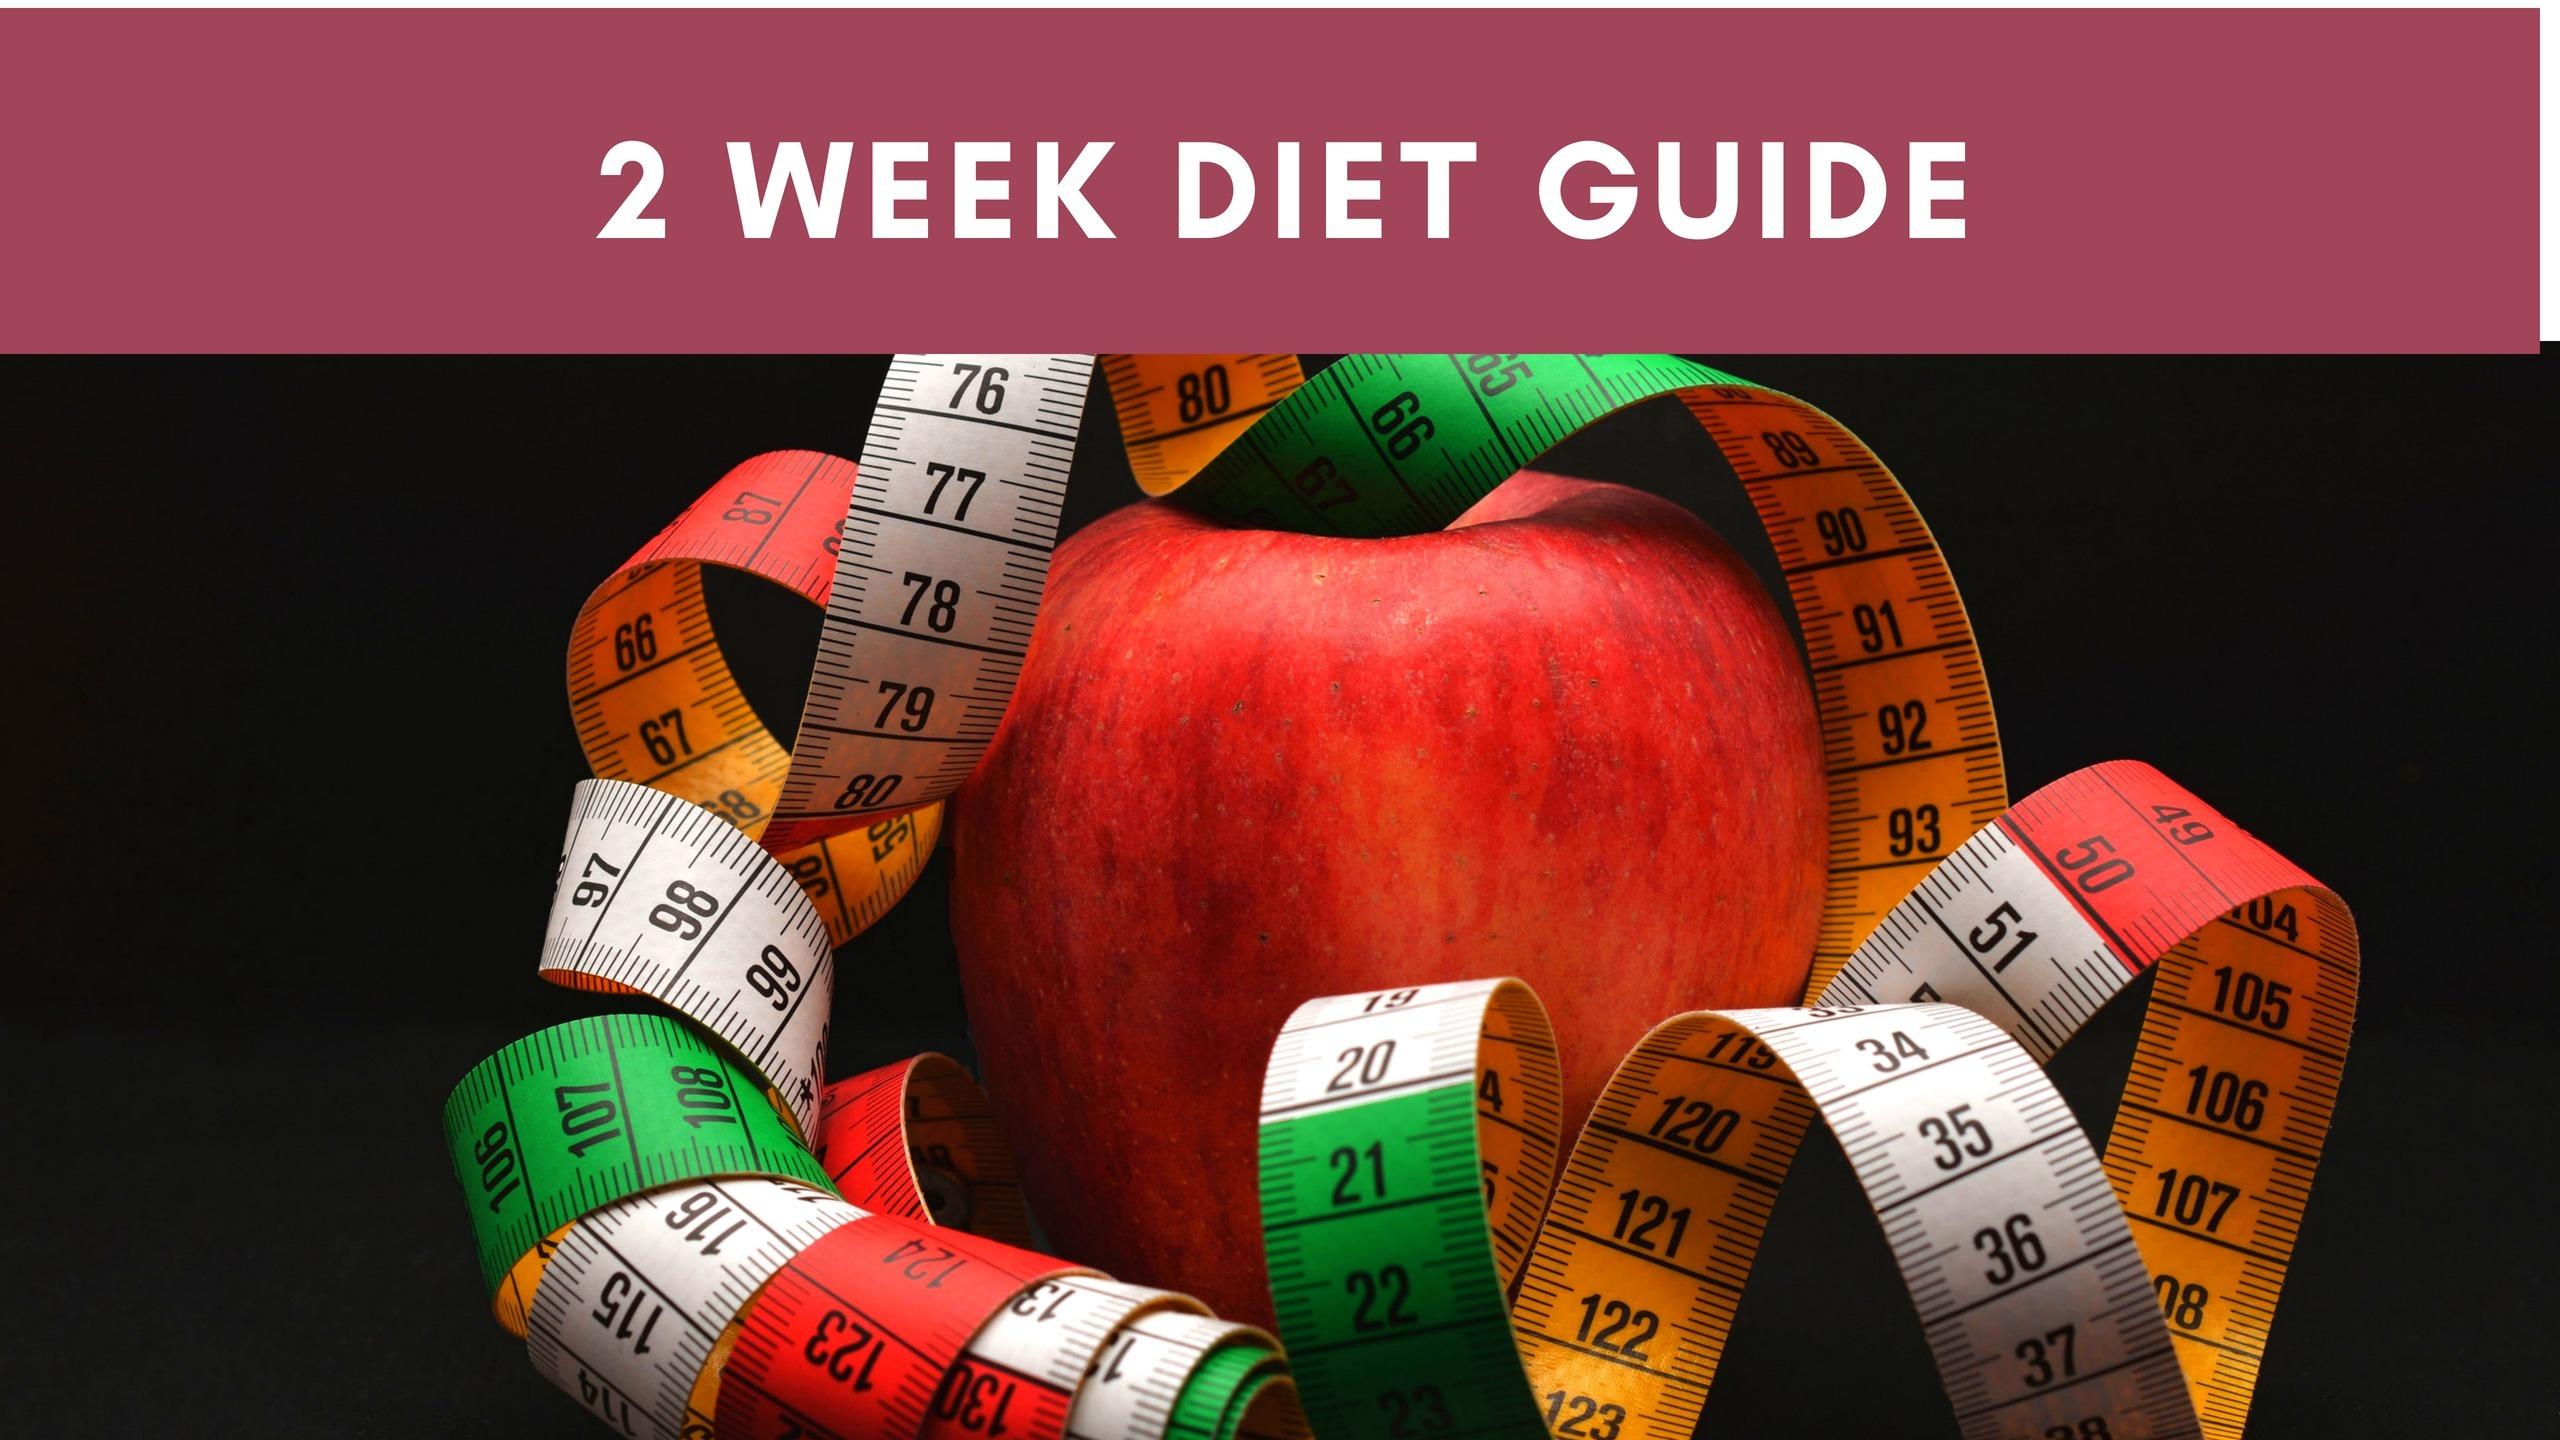 2 Week Diet Guide (@2weekdiet) Cover Image